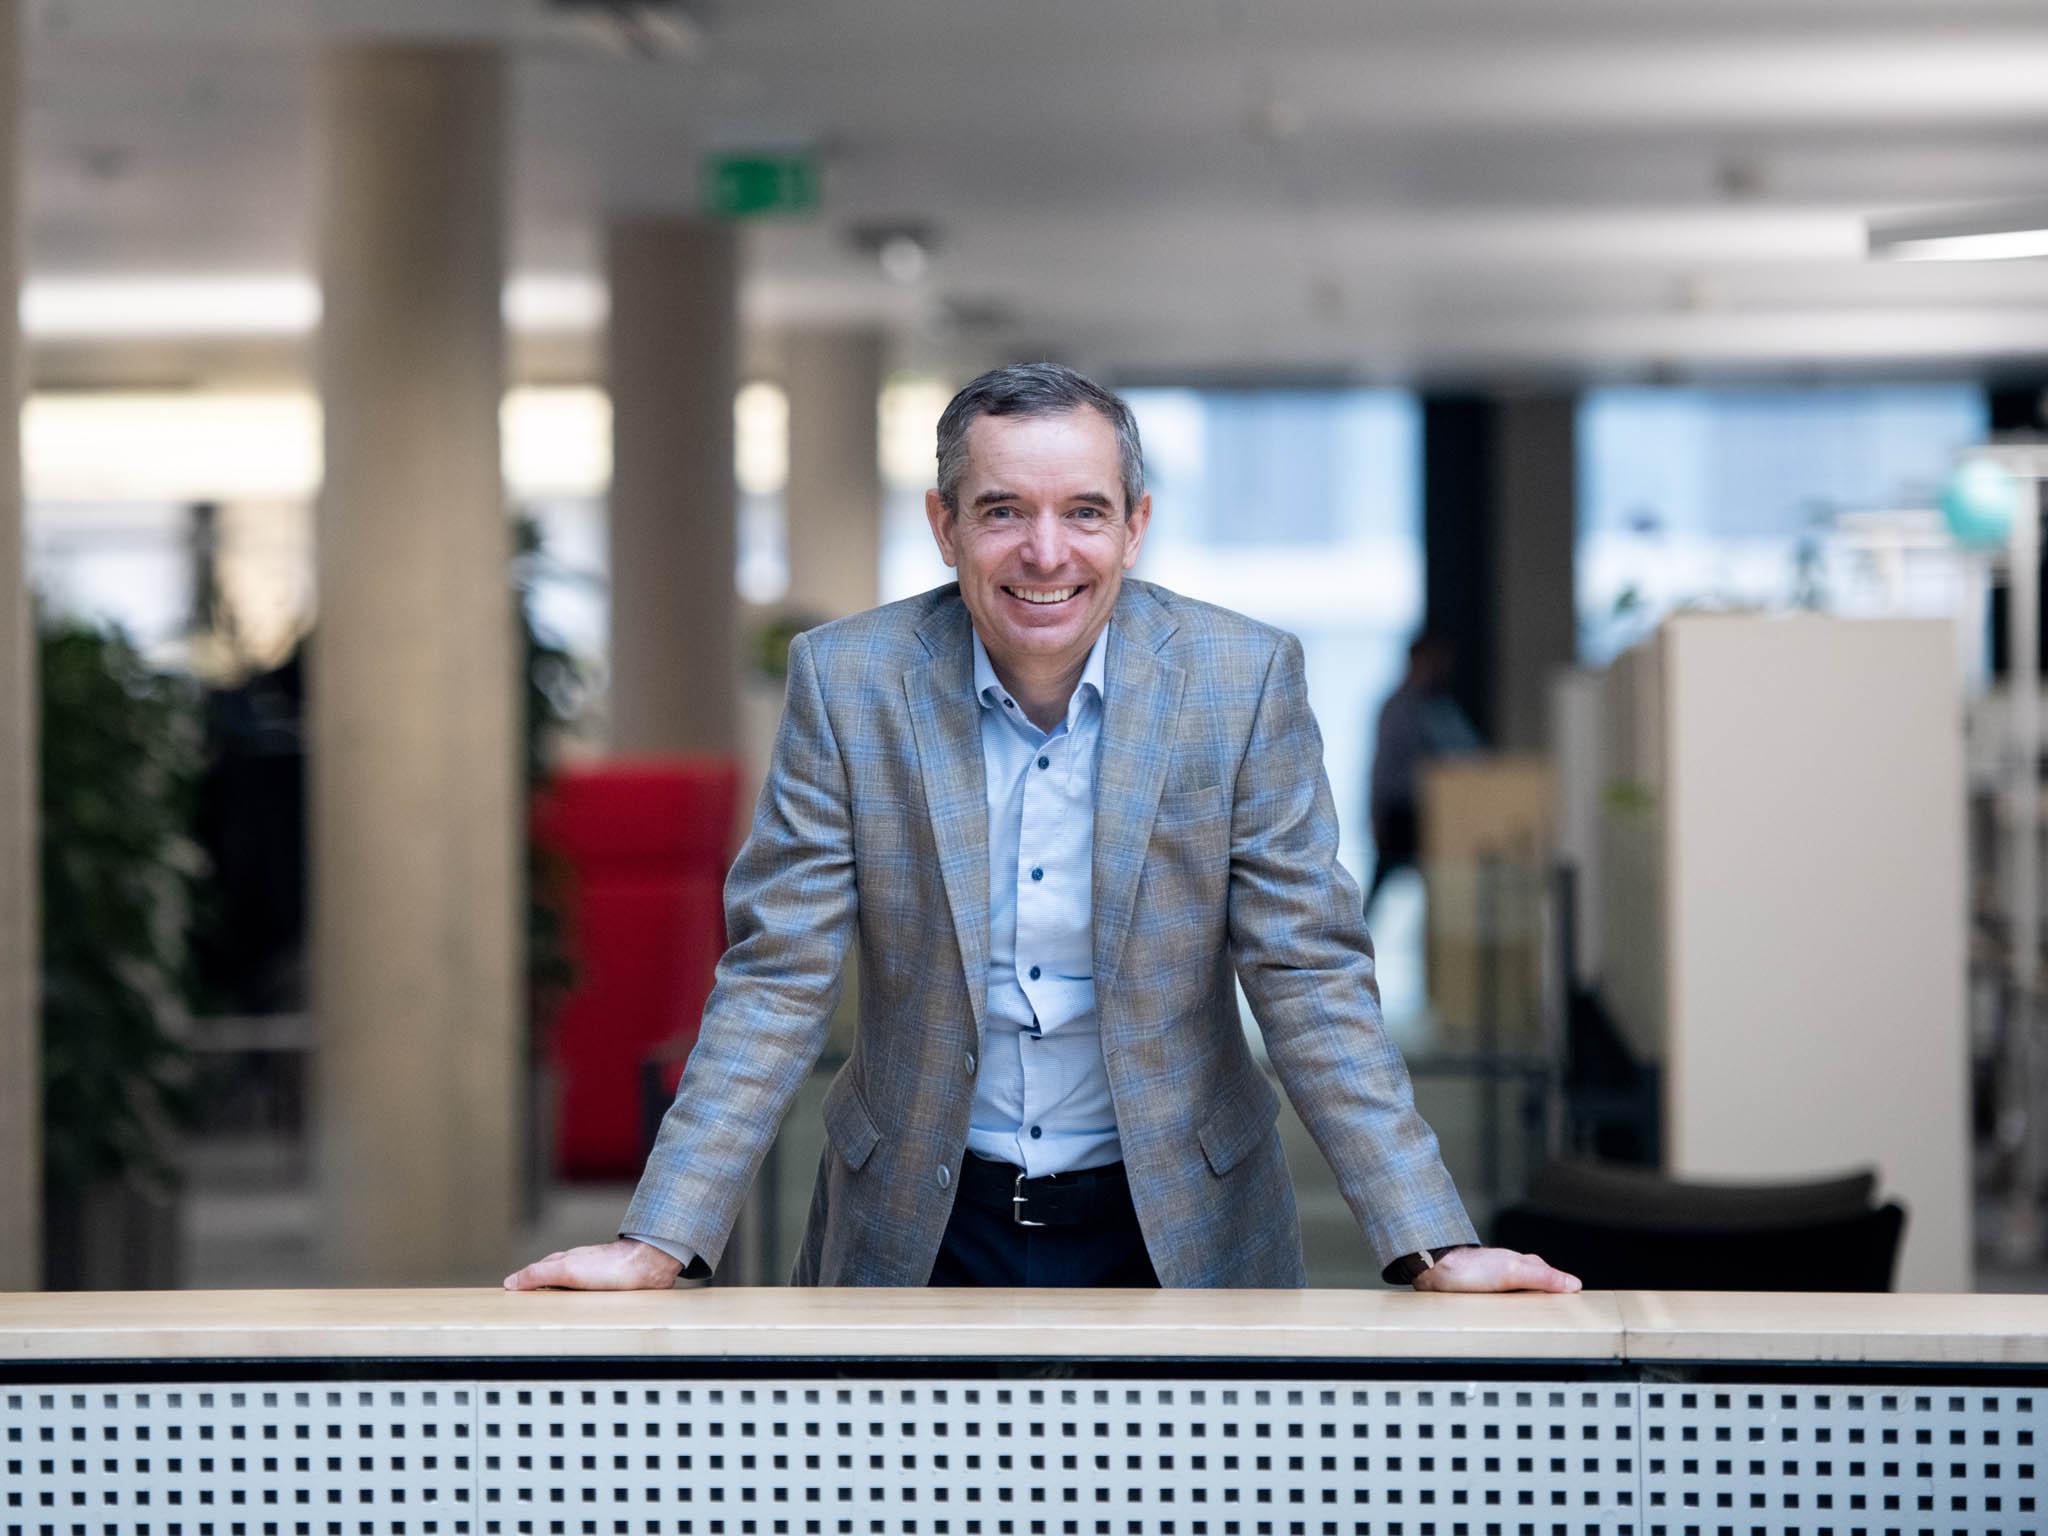 Člen představenstva banky ČSOB Jan Sadil